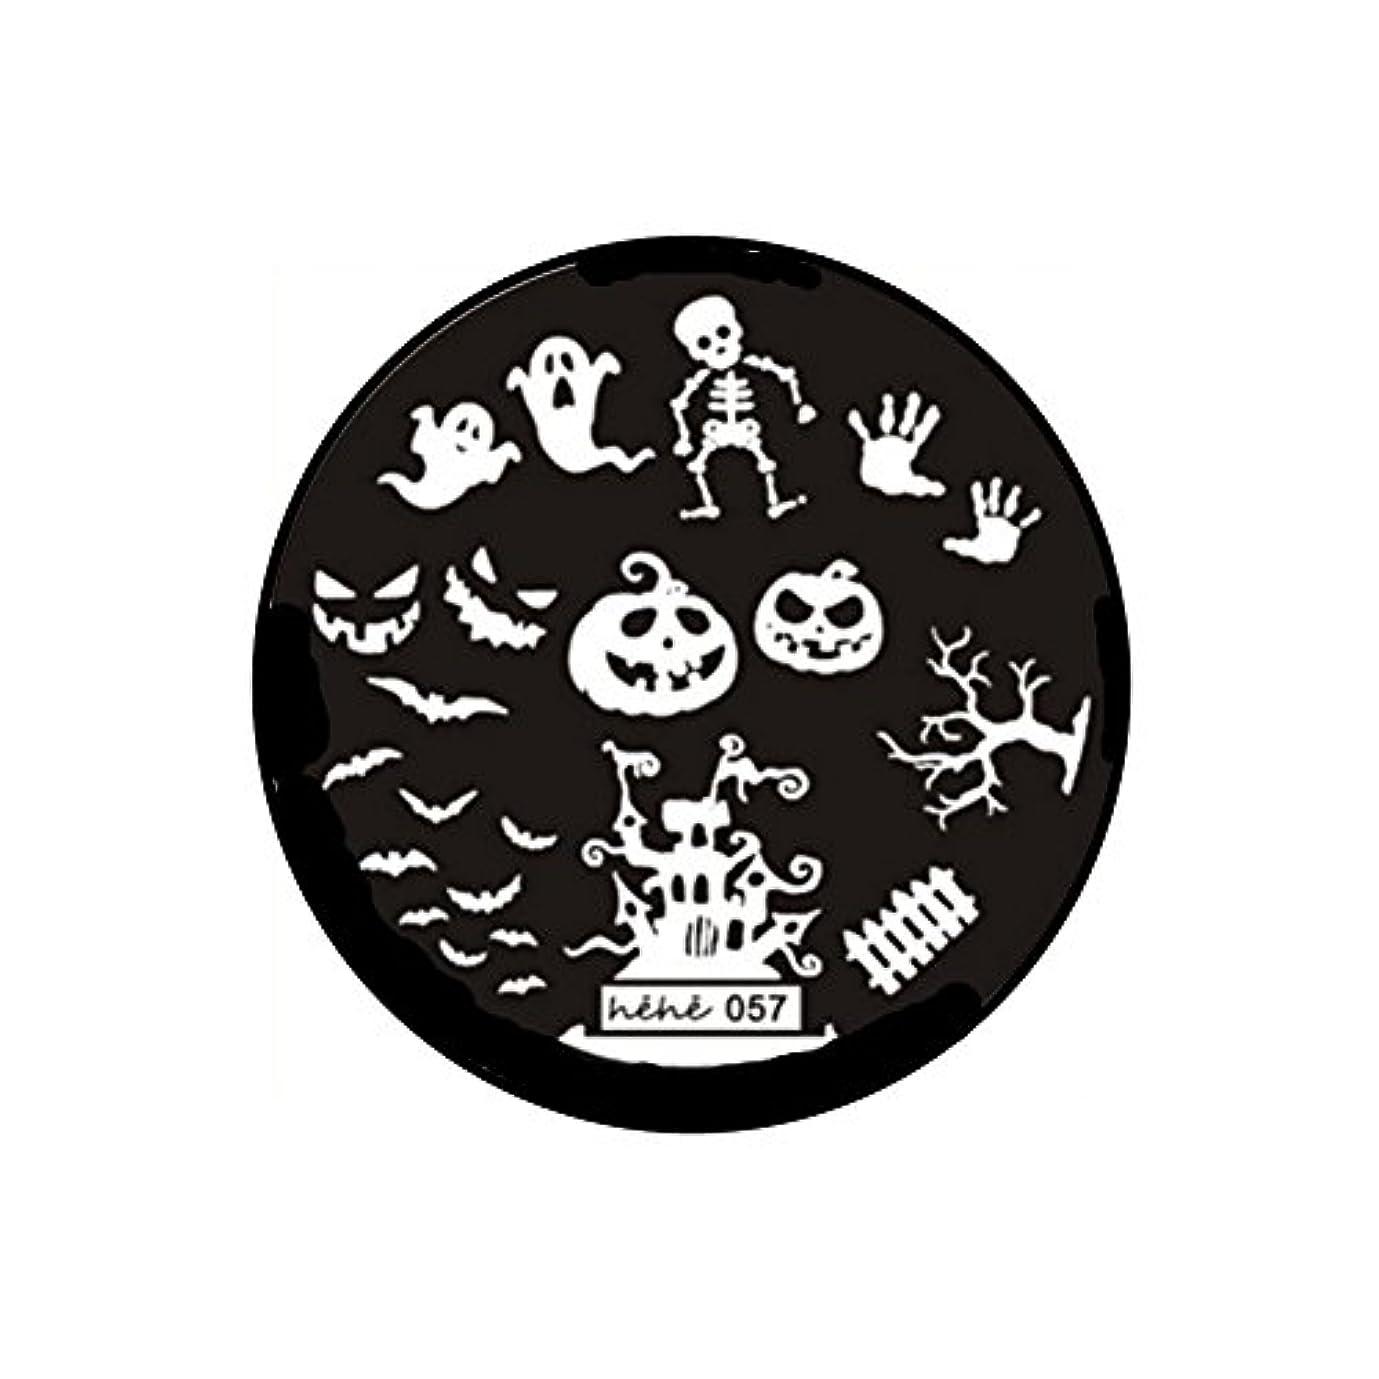 スチュアート島準拠怖がって死ぬ1枚 スタンピングプレート 【 ハロウィンテーマ ネイル ジェルネイル ネイルアート ネイルスタンプ ネイル スタンプ 】heheイメージプレート